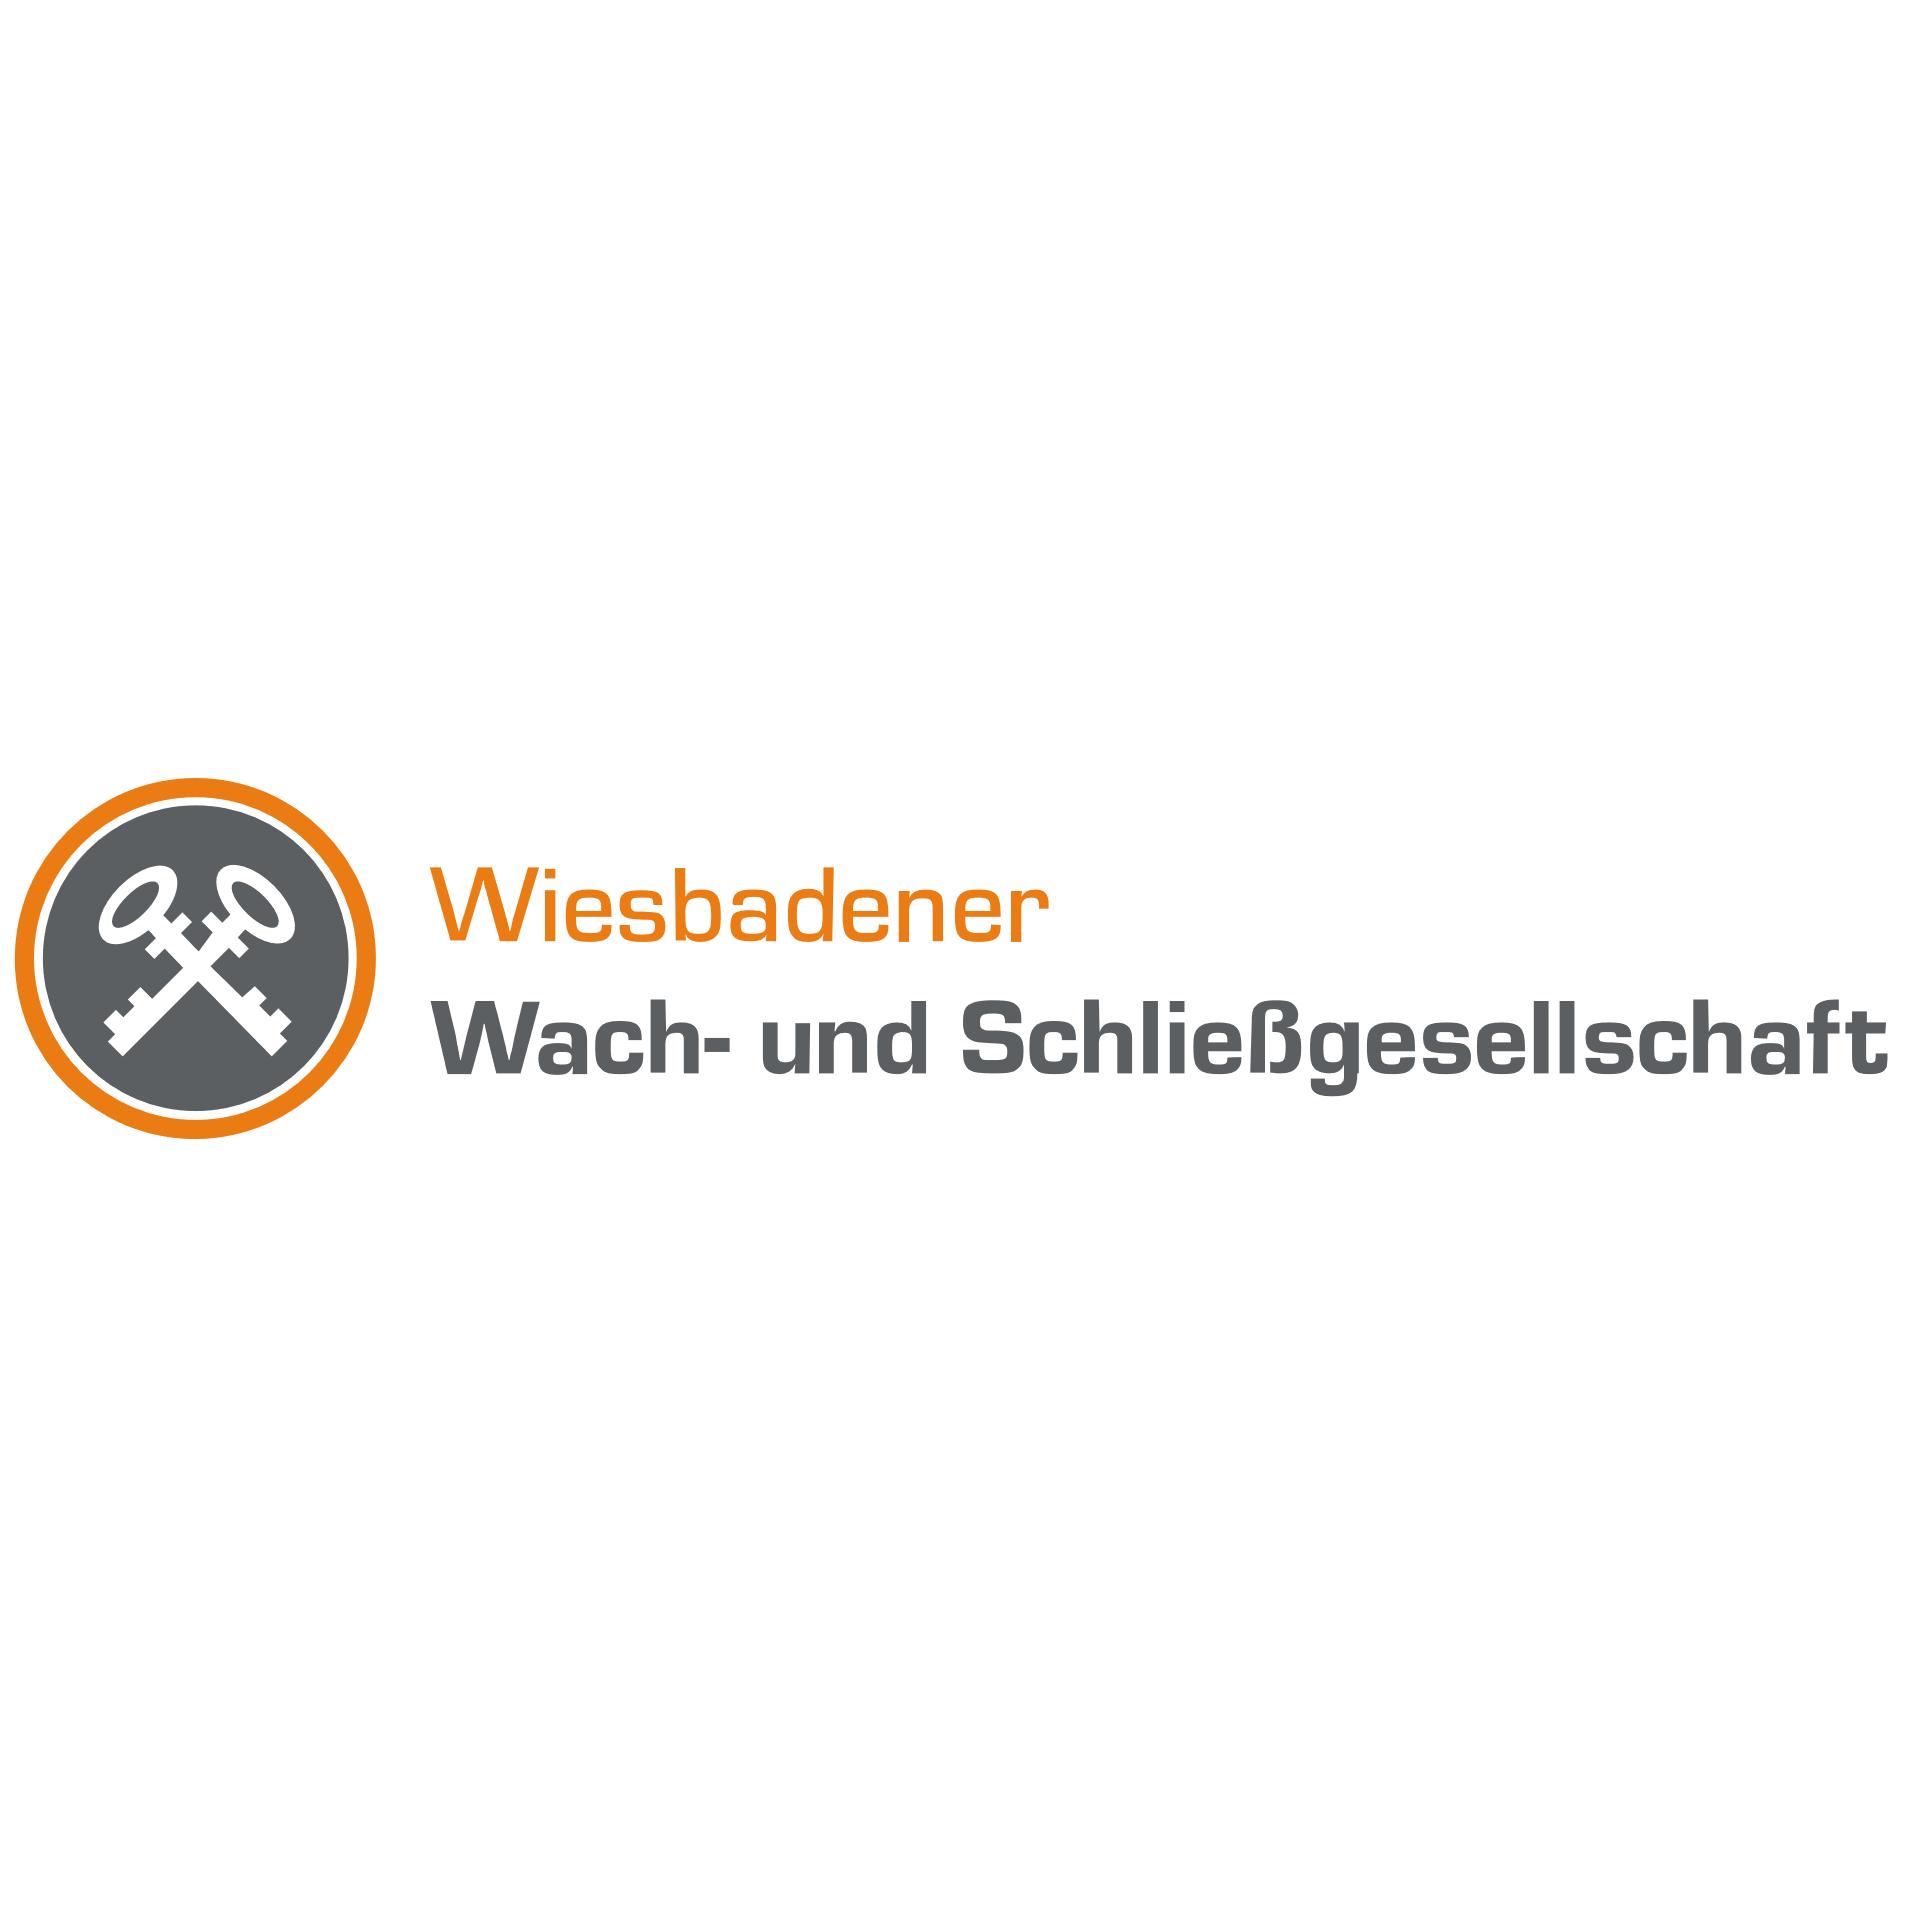 Bild zu Wiesbadener Wach- und Schließgesellschaft Müller & Co GmbH in Wiesbaden